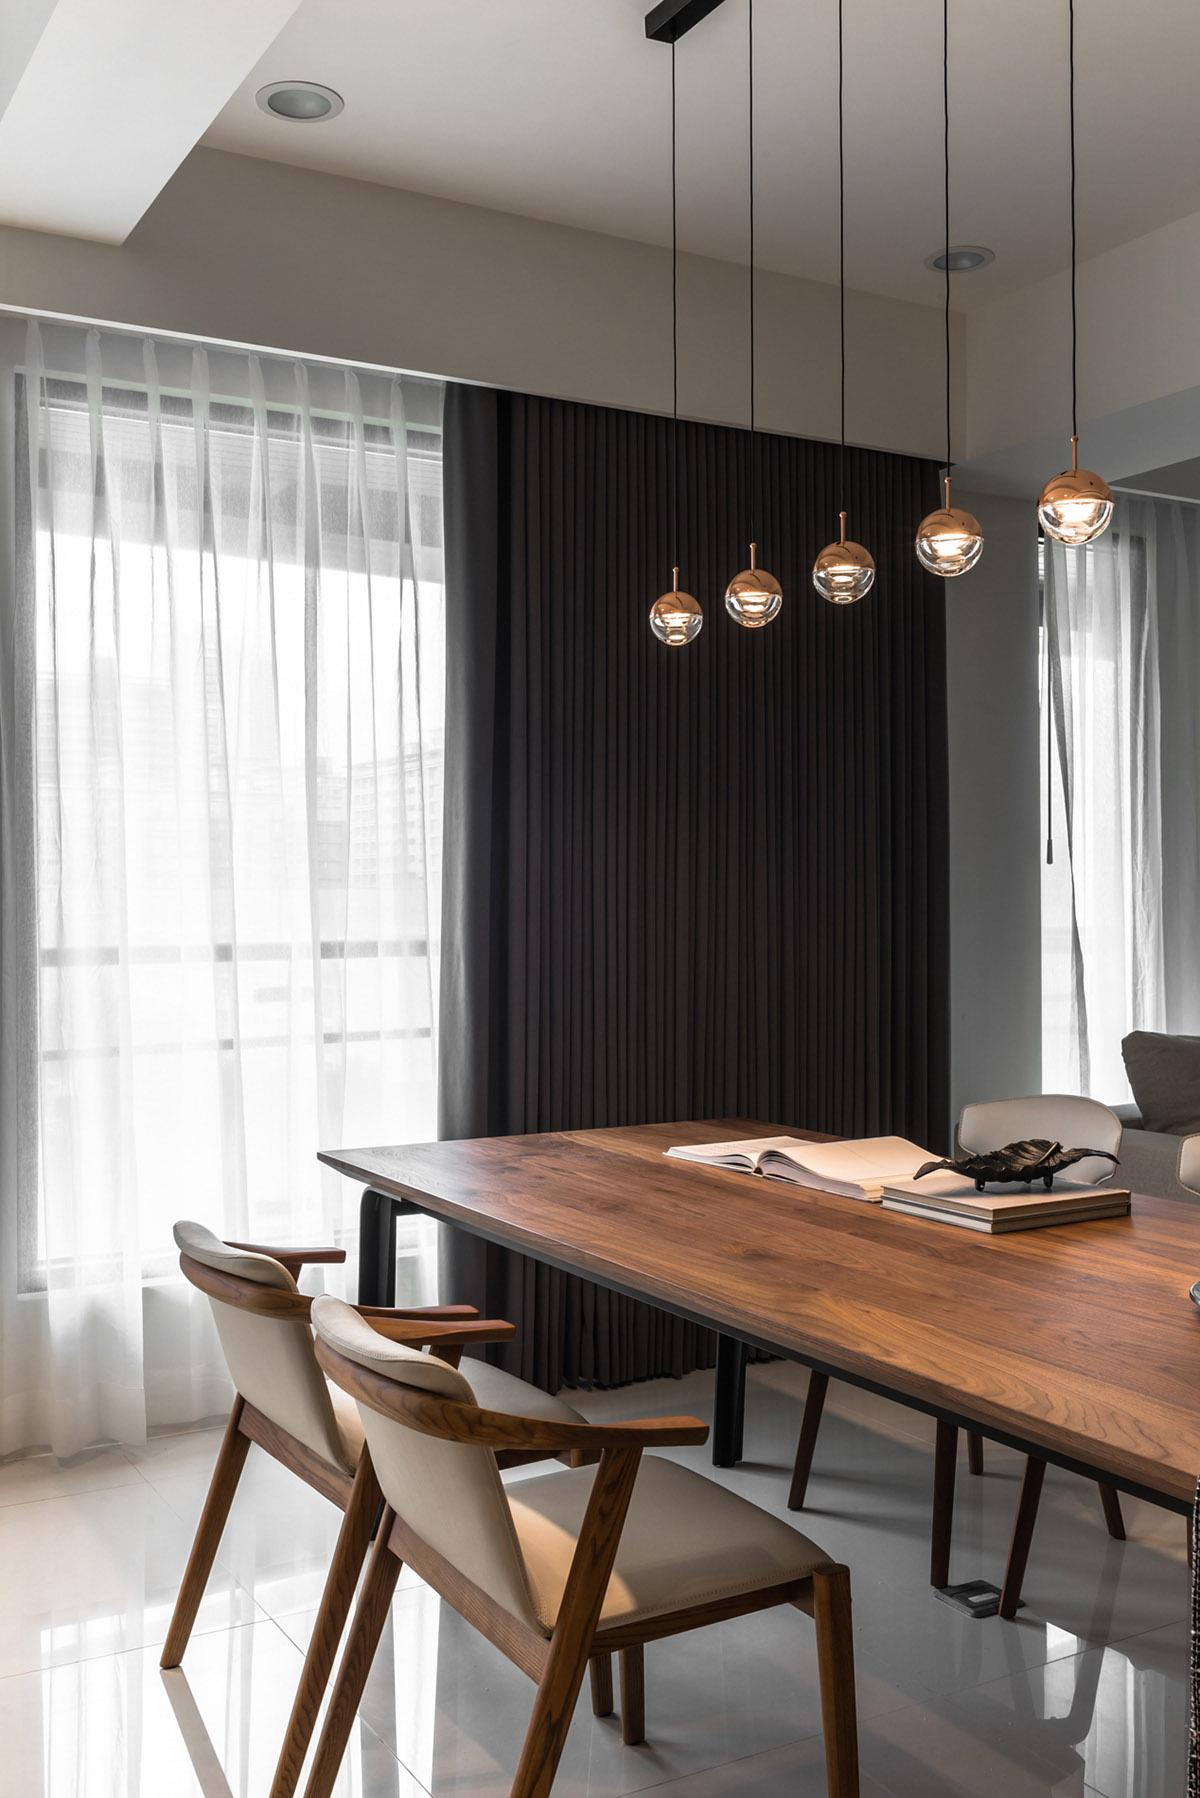 Các ý tưởng về thiết kế nội thất - Stylish modern dining chairs